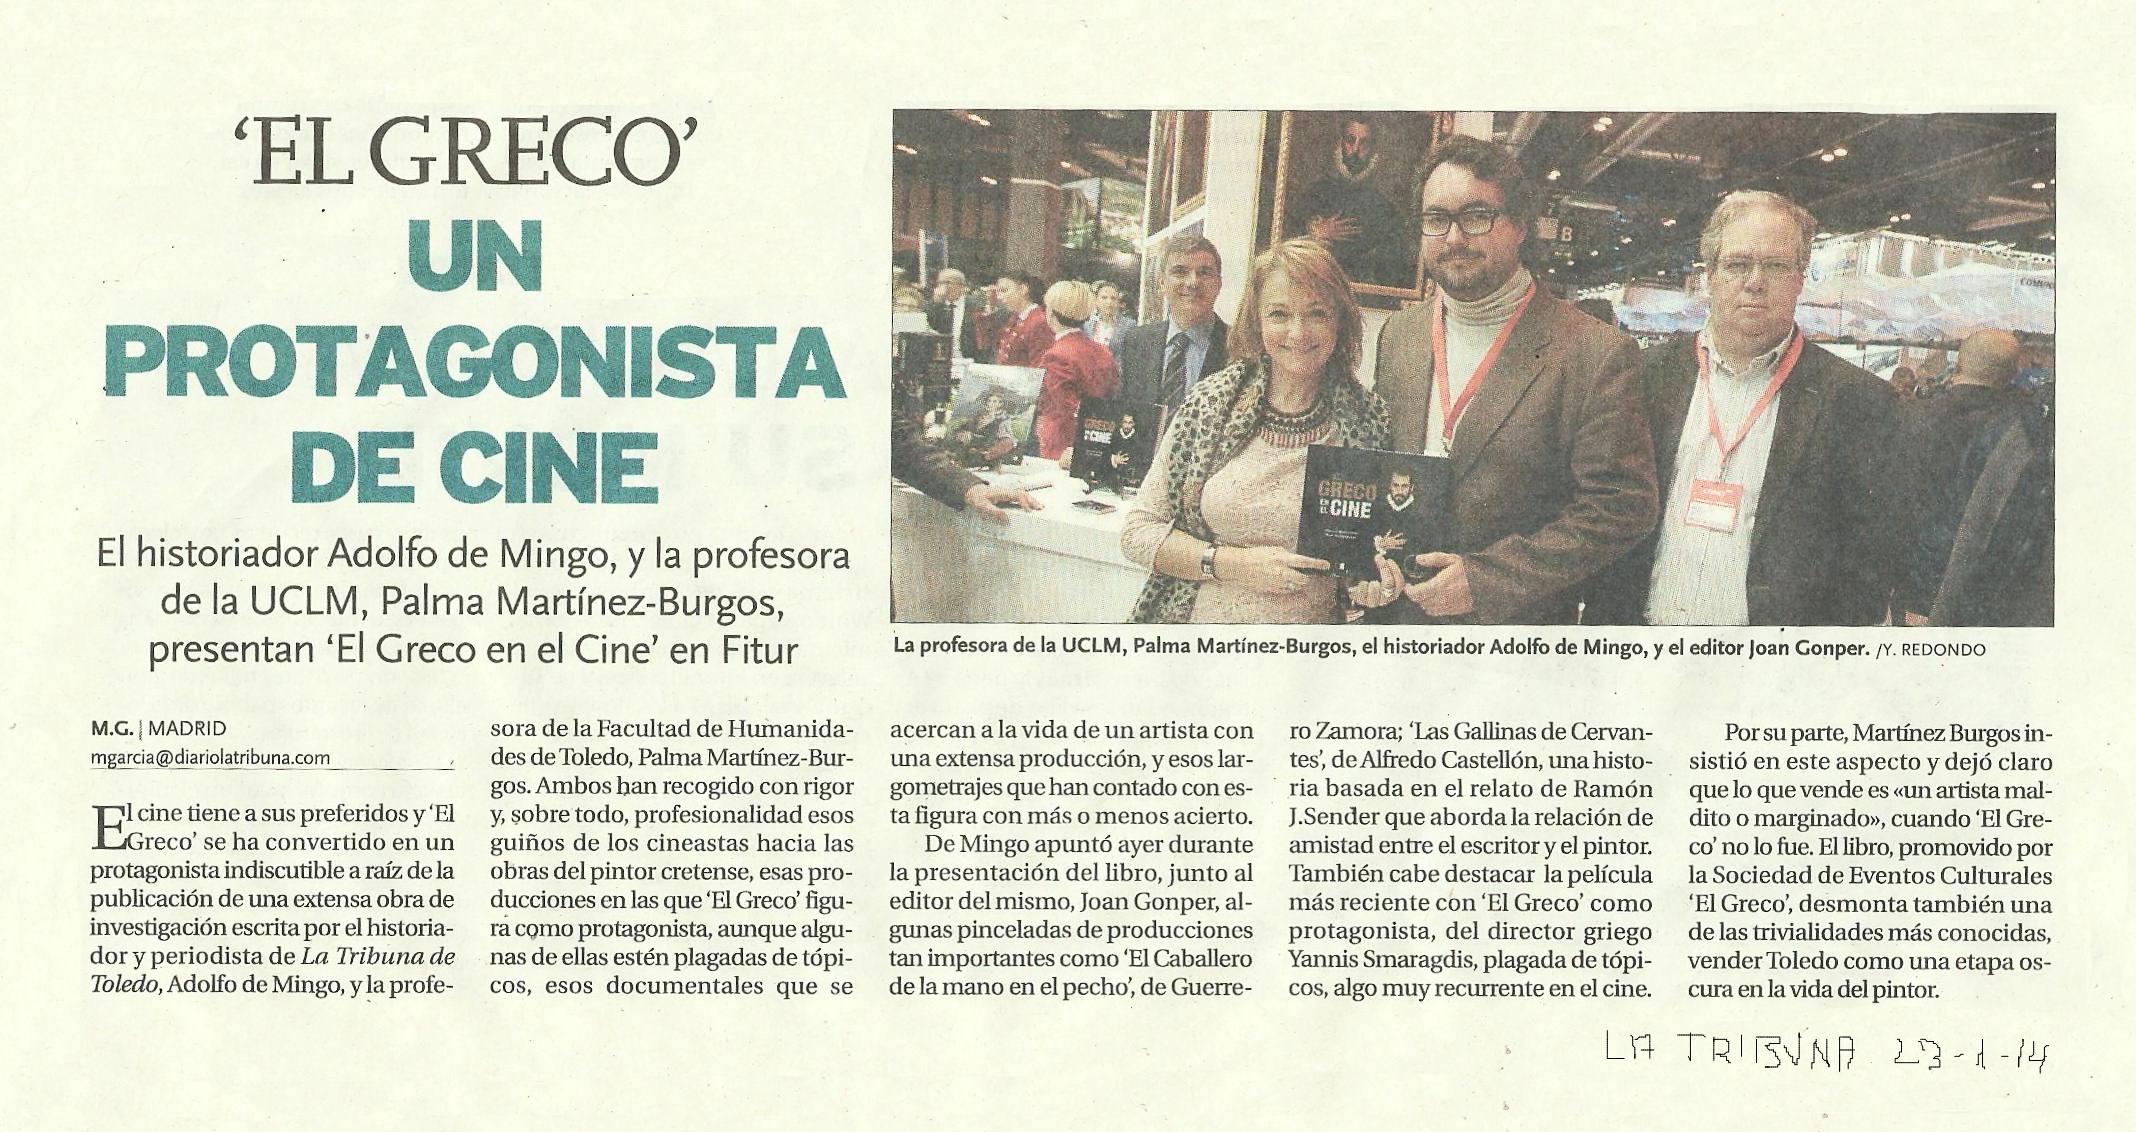 LA TRIBUNA : El Greco en el cine, y en FITUR.